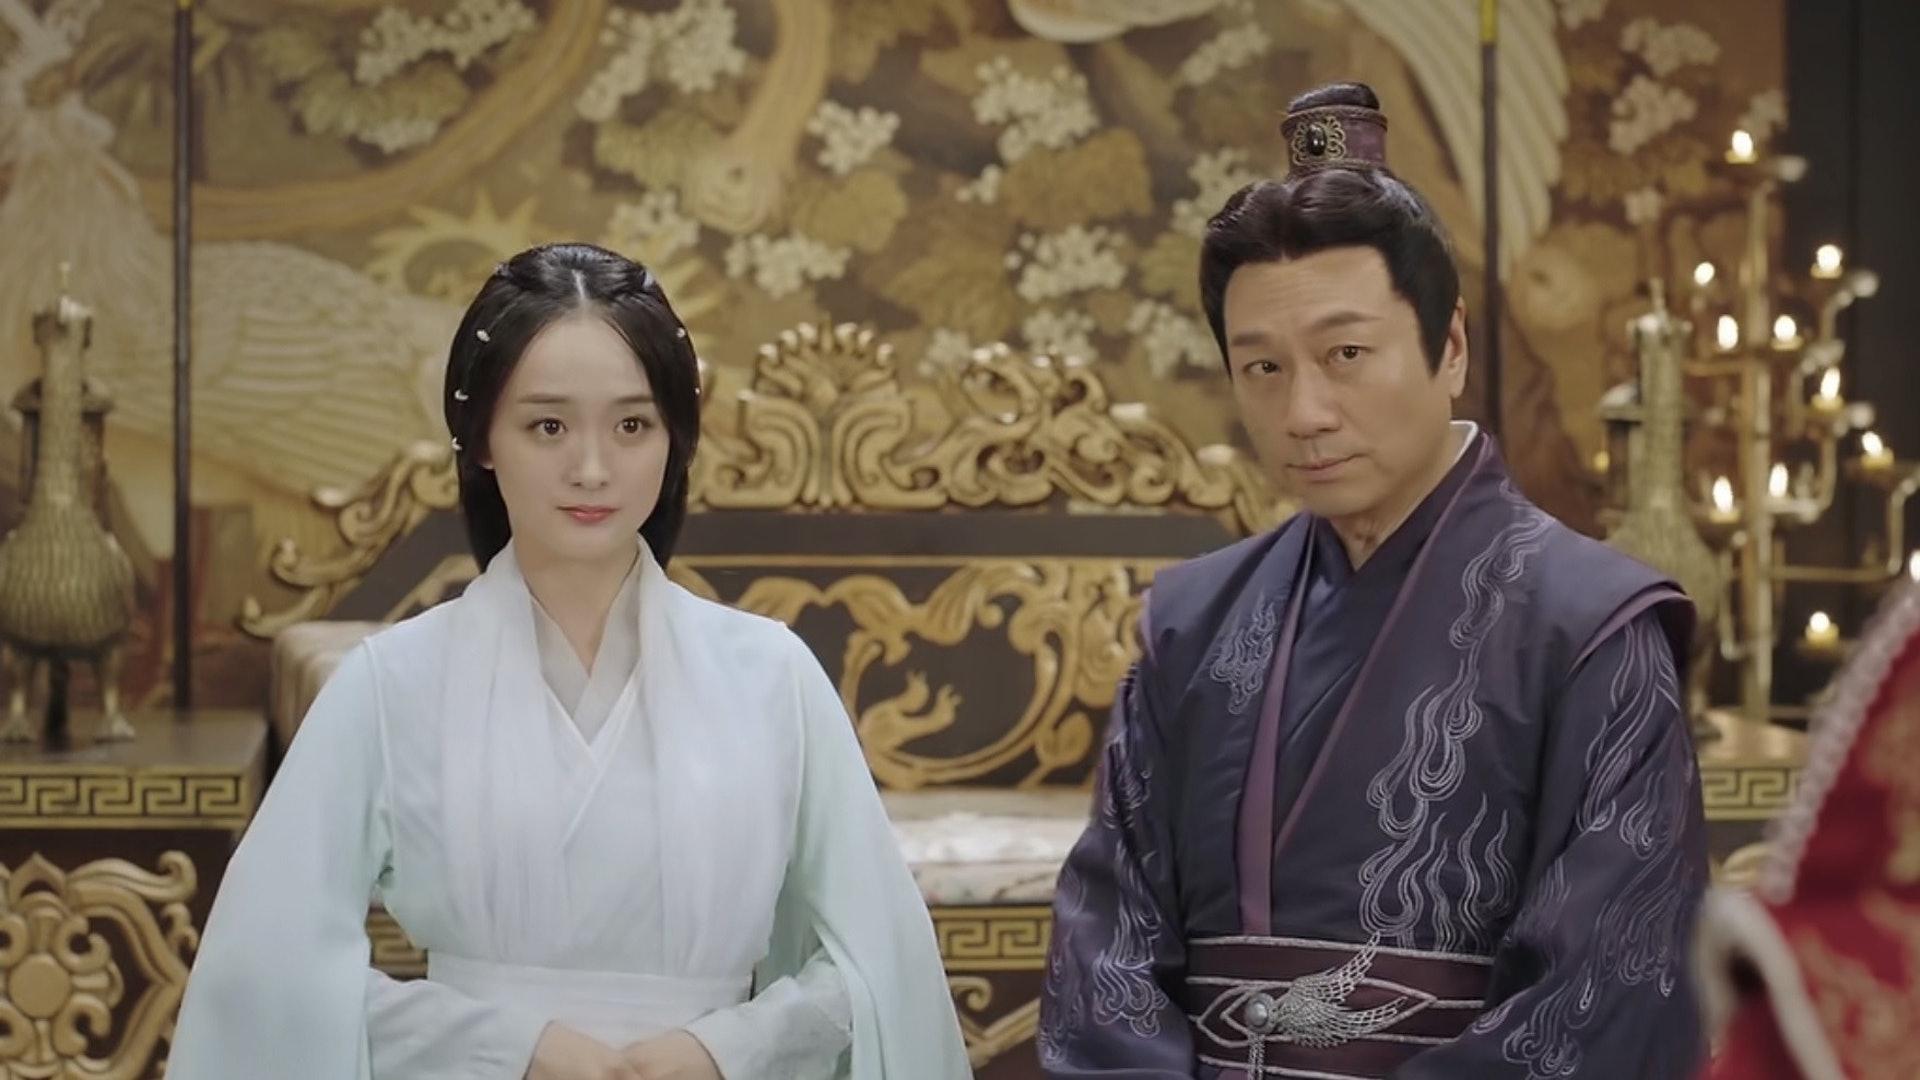 黎耀祥在TVB今年首播劇集就是《鳳弈》。(微博圖片)